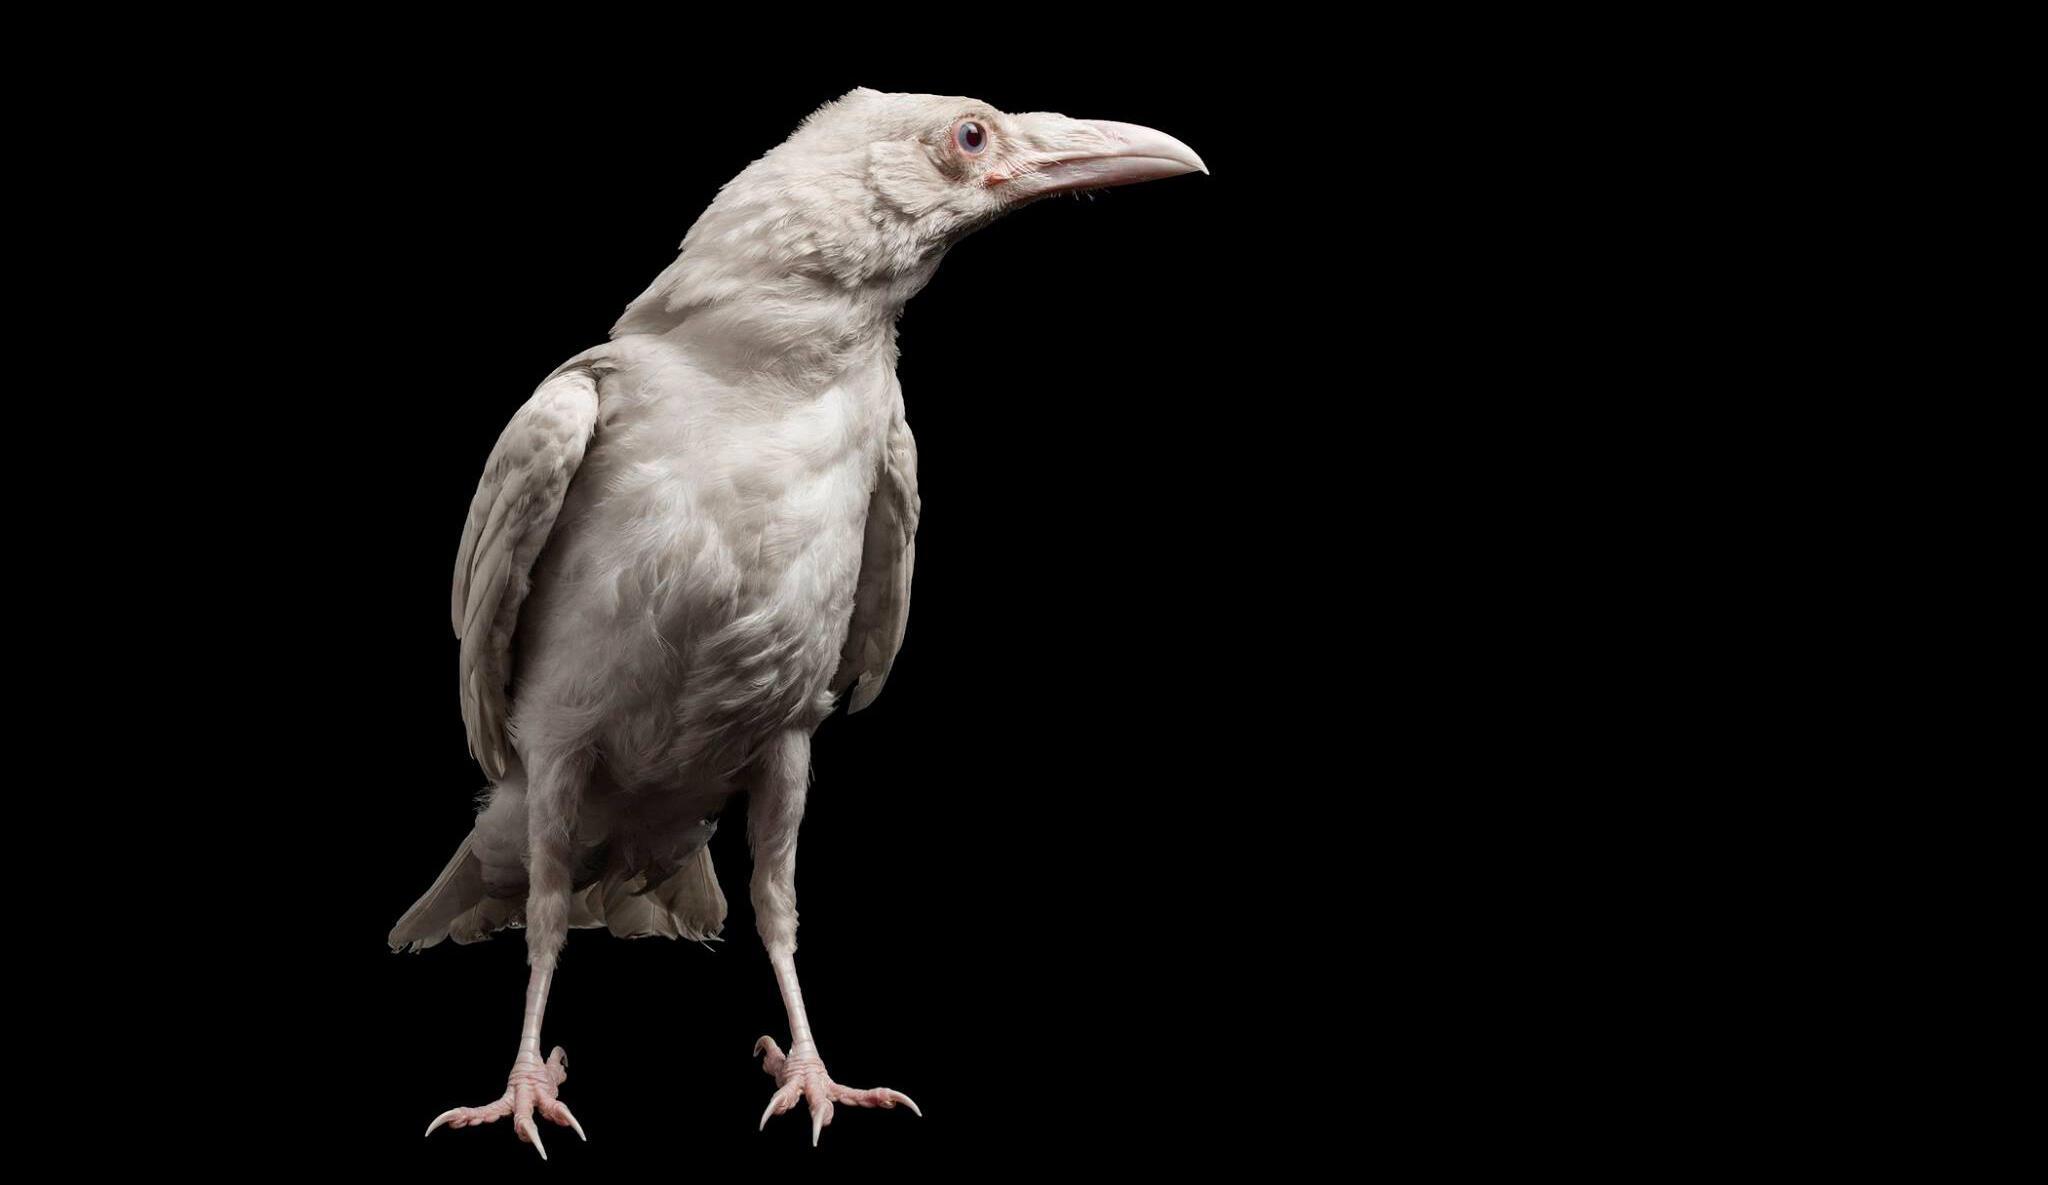 Pearl, the albino Common Raven. Devlin Gandy